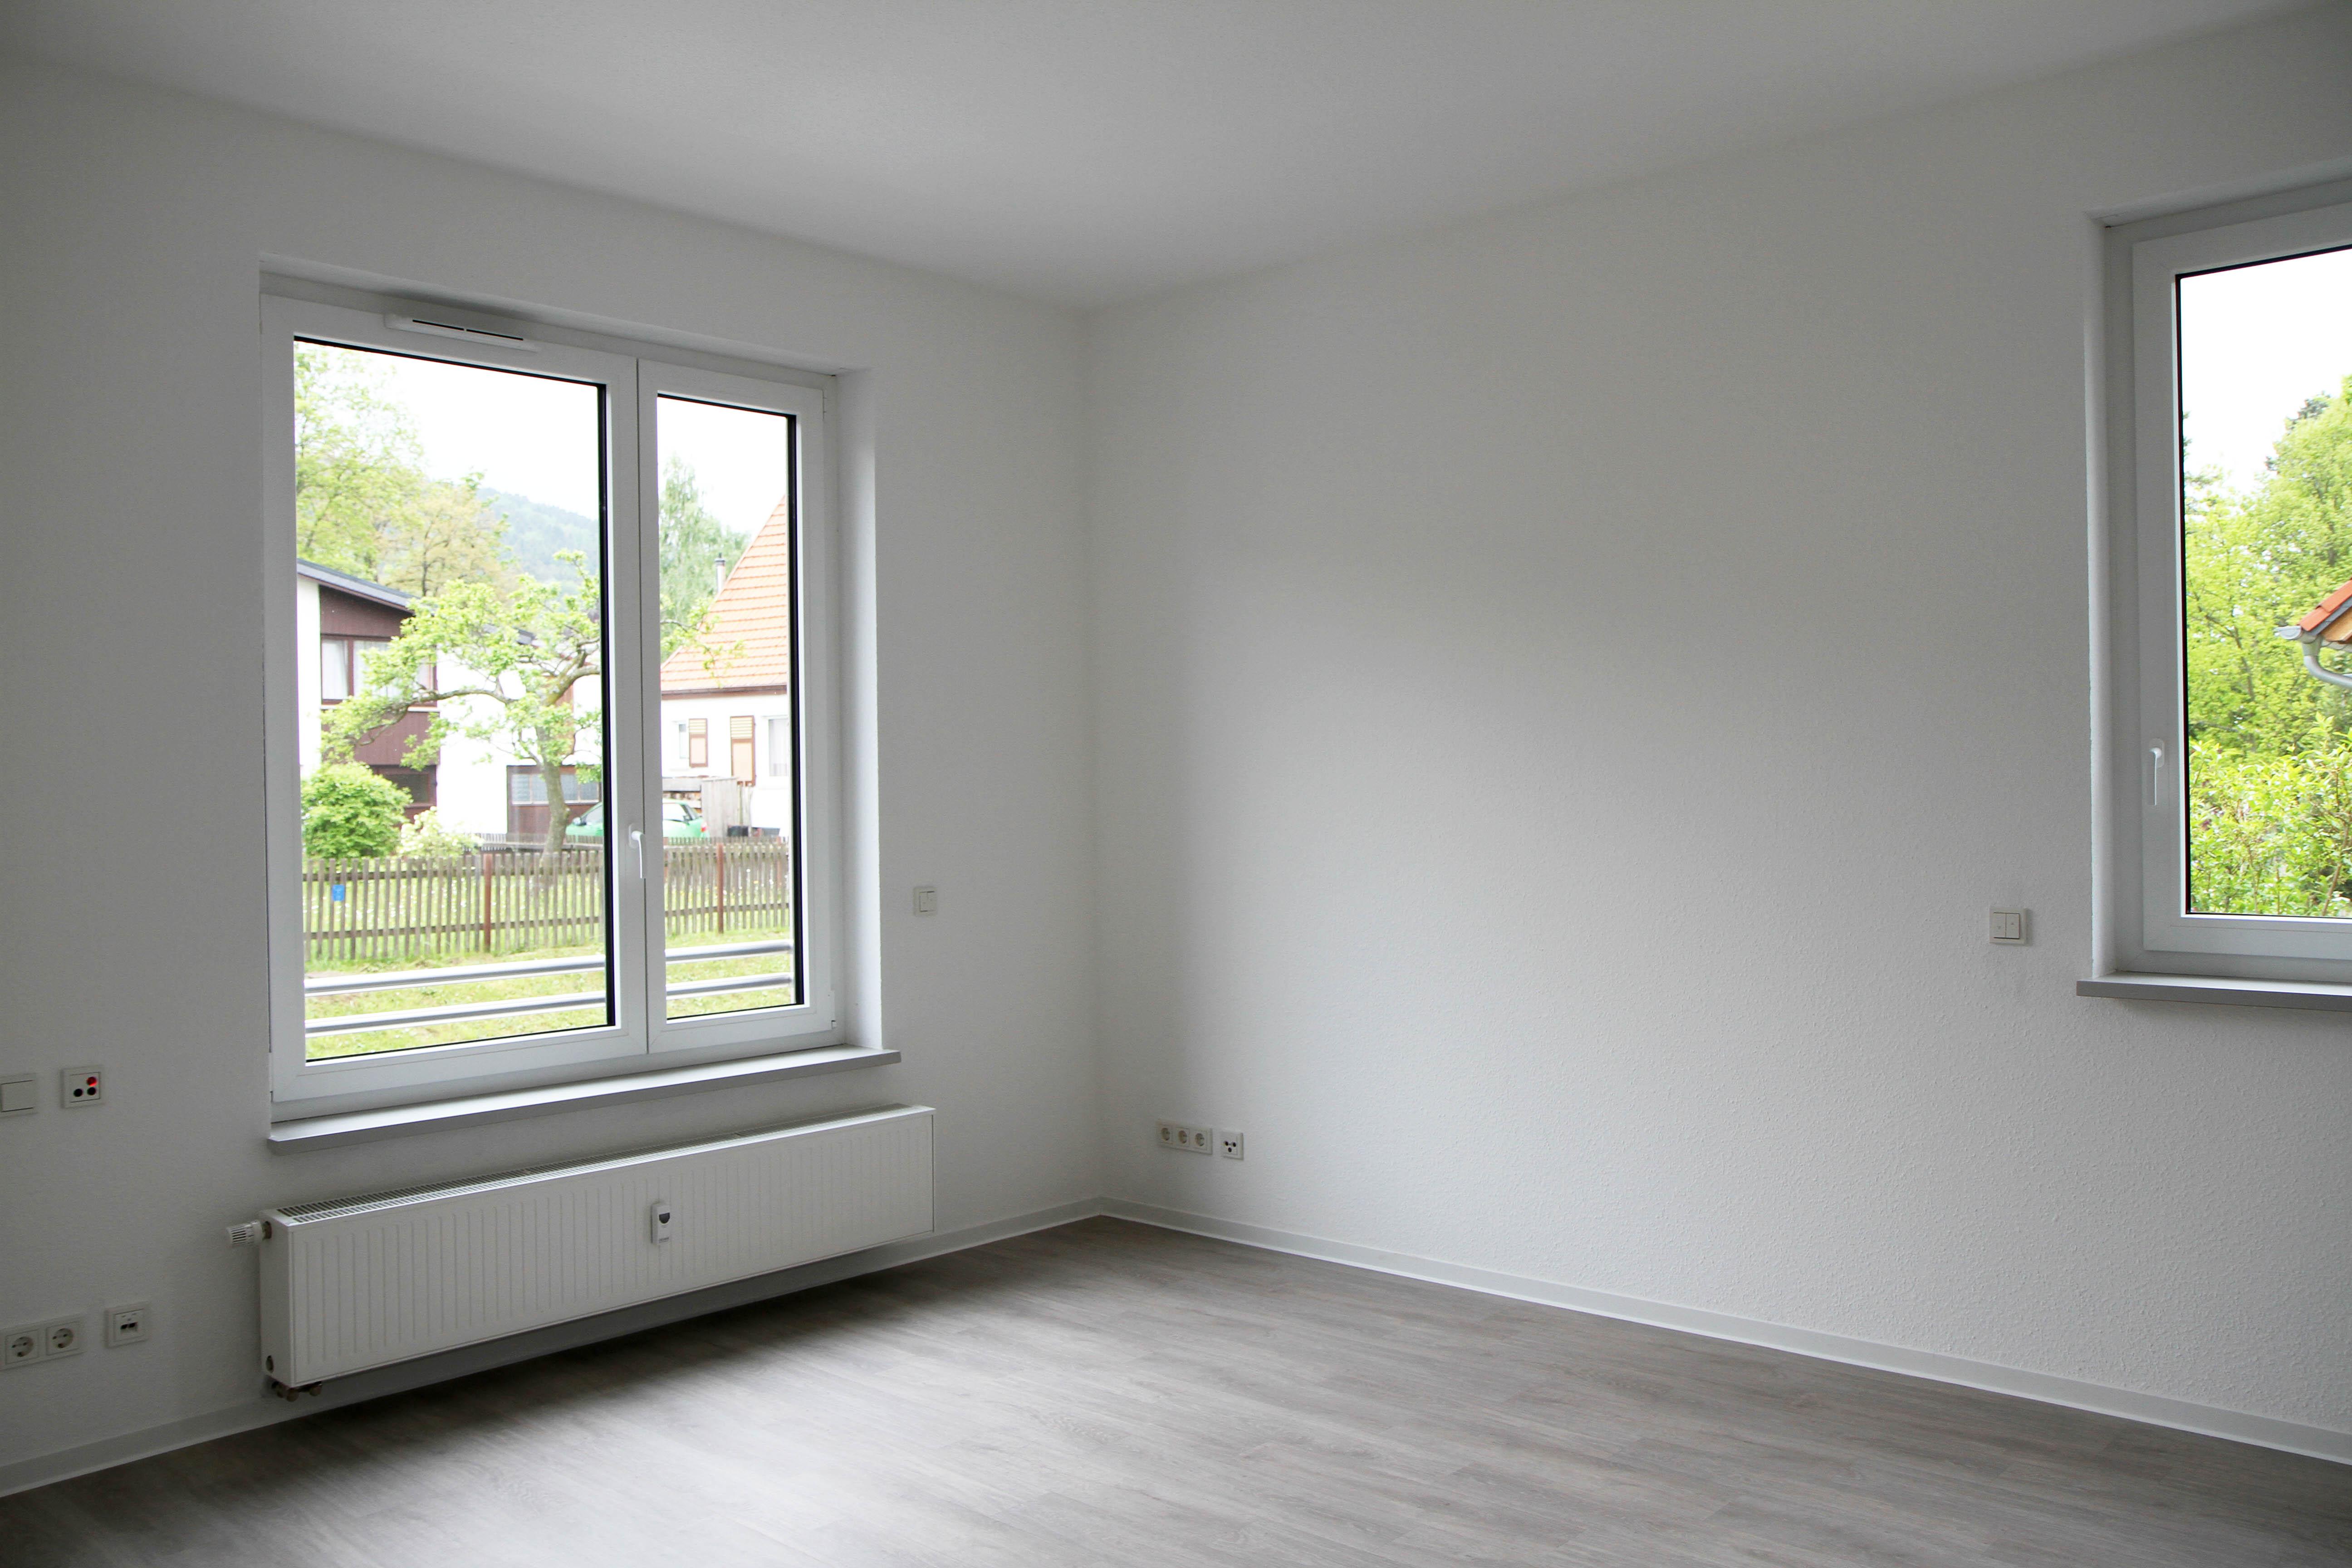 Blick in ein WG-Apartment